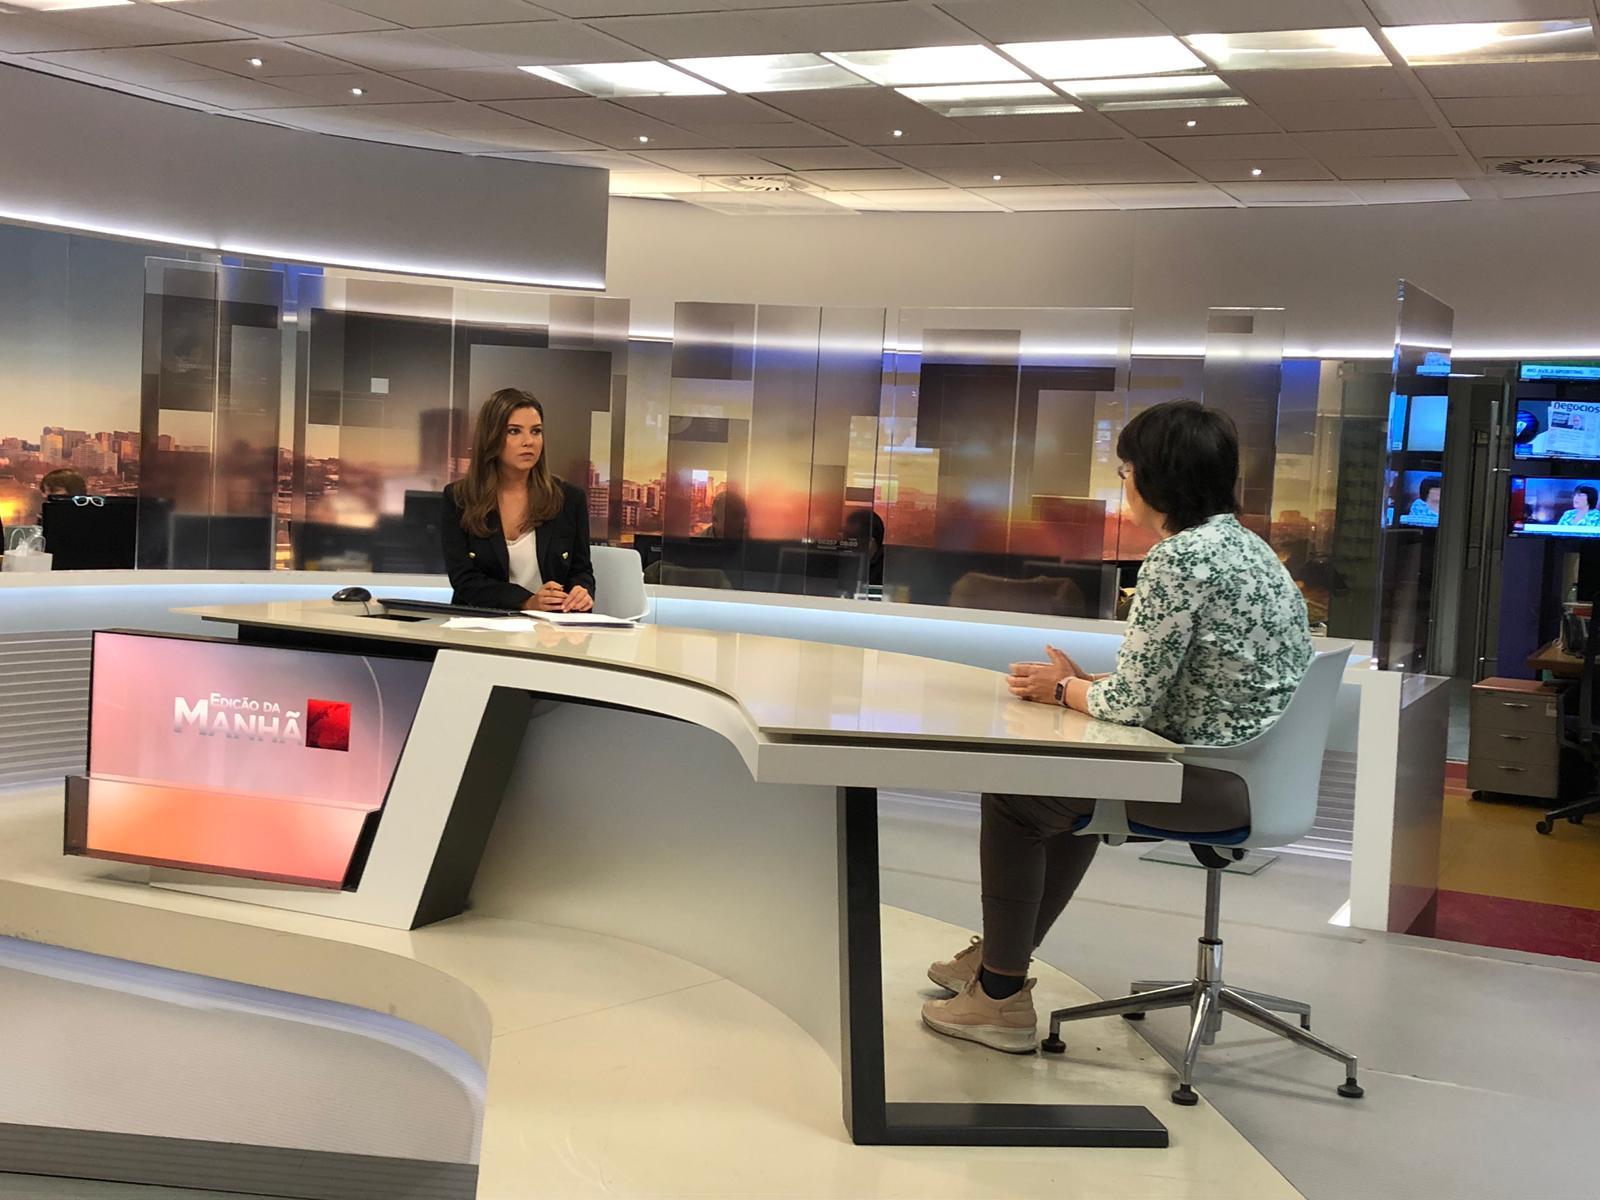 sns24_sic noticias_dra micaela monteiro